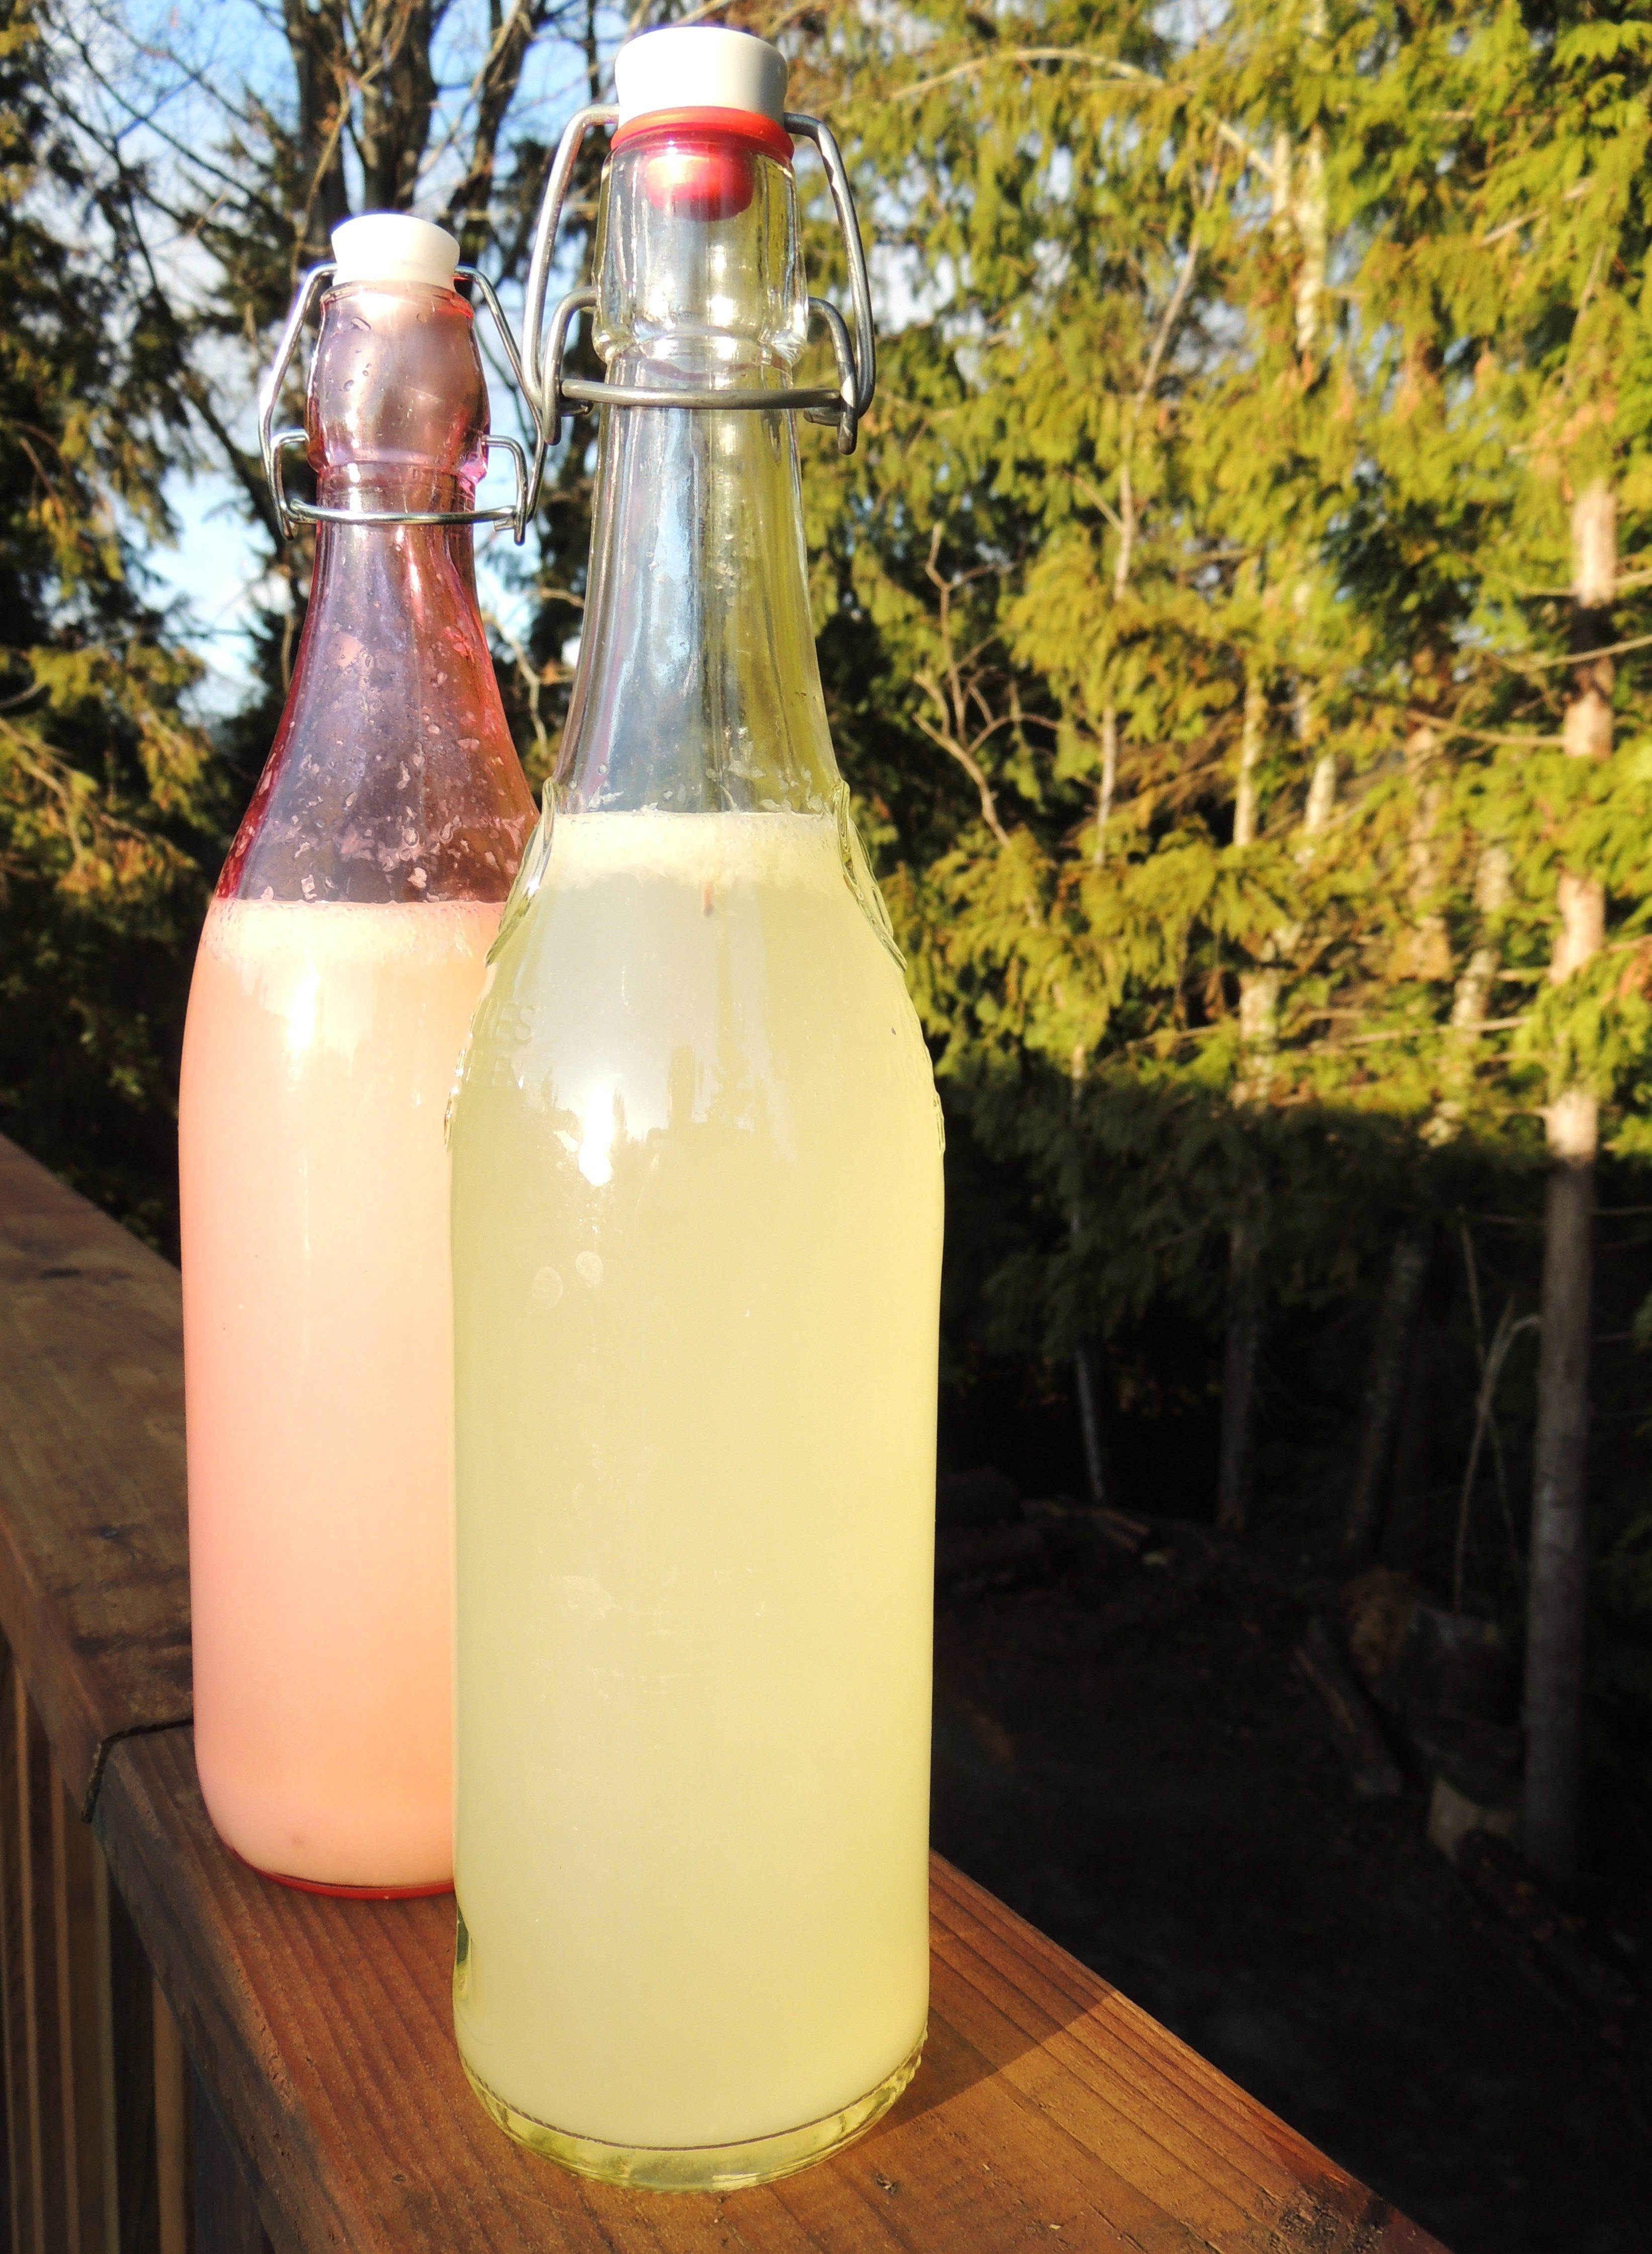 Grolsh-Style Bottles